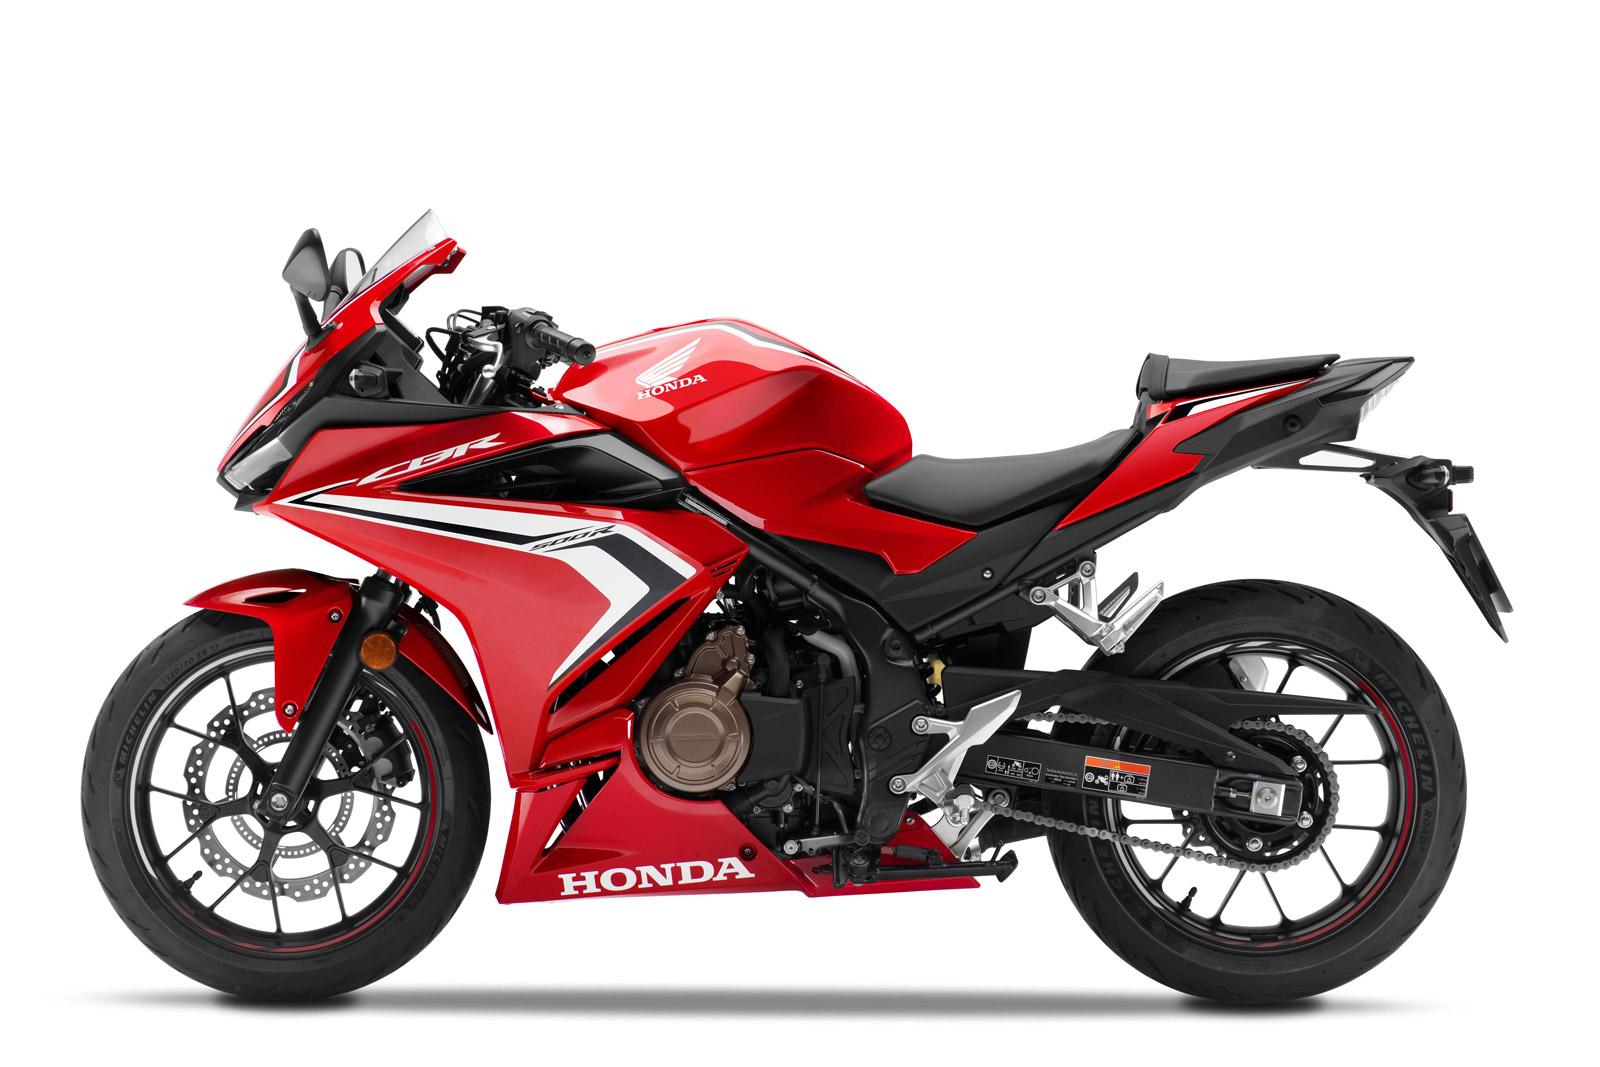 Honda CBR500R: Mẫu xe dành cho tay lái thích ngoại hình SportBike